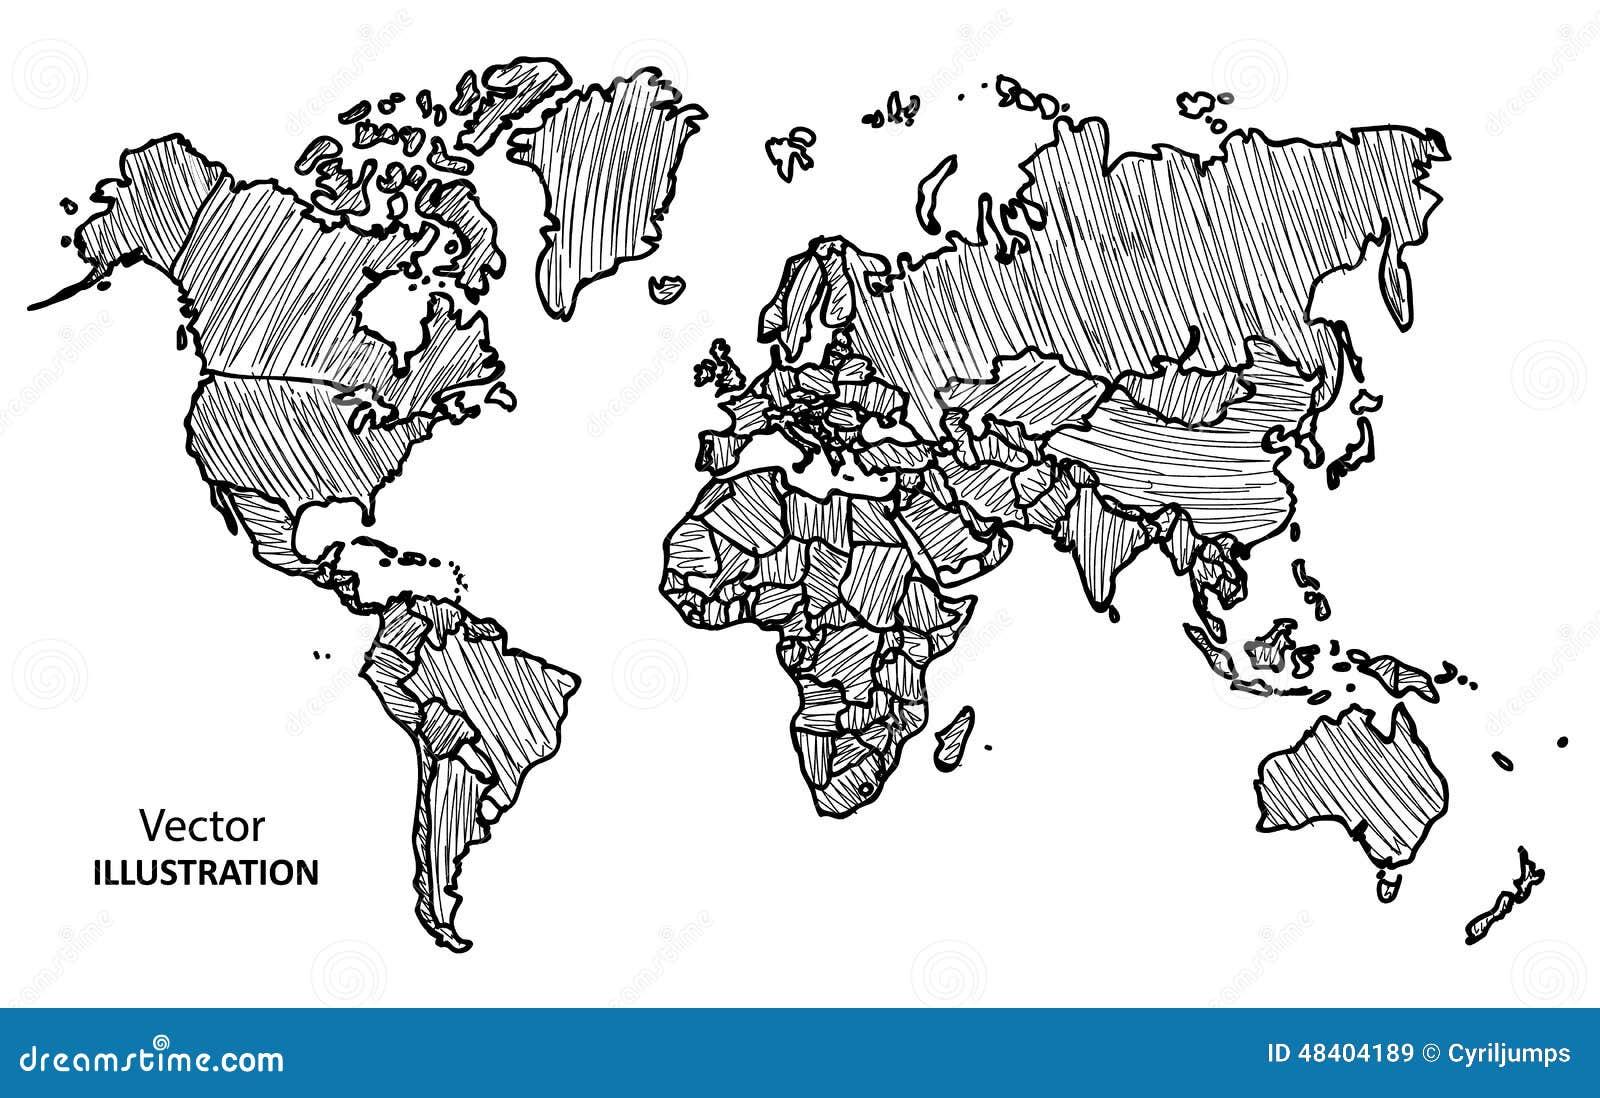 Mappa di mondo del disegno della mano con i paesi for Mappa mondo bianco e nero